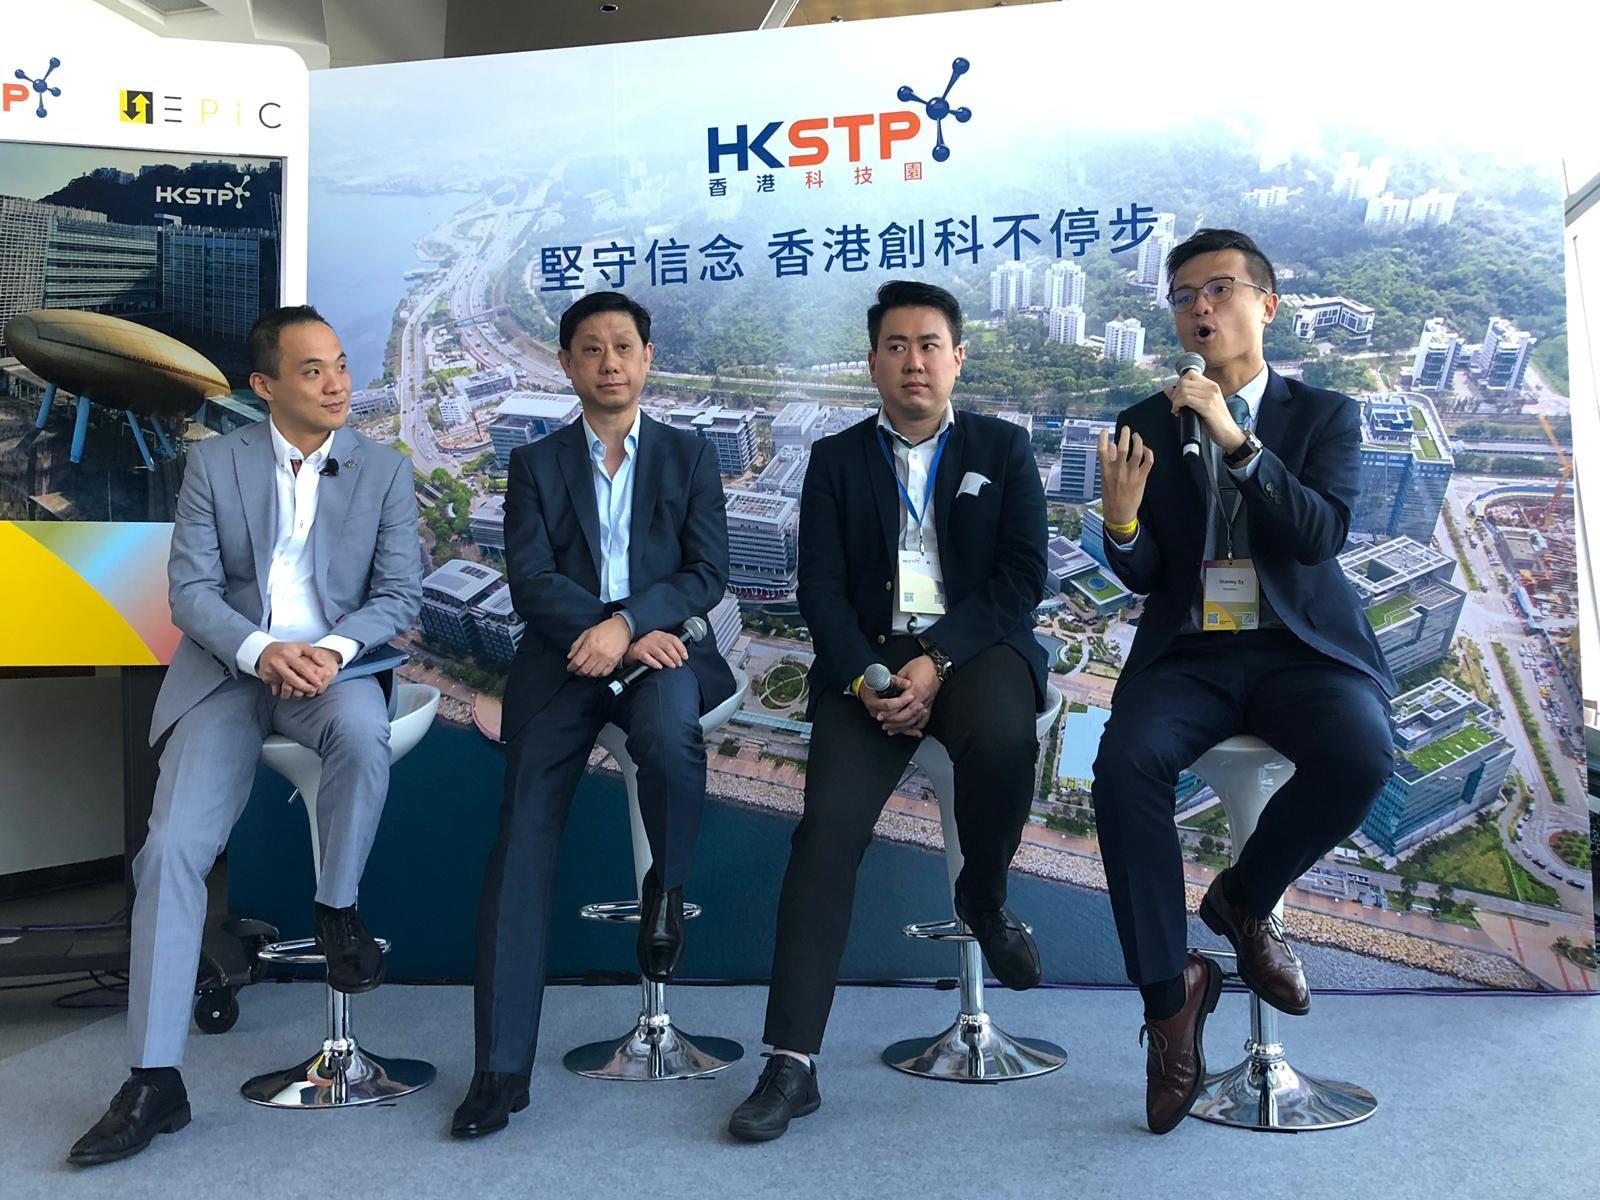 科技園CEO黃克強:投資氣氛較以往差 但暫未出現退租潮